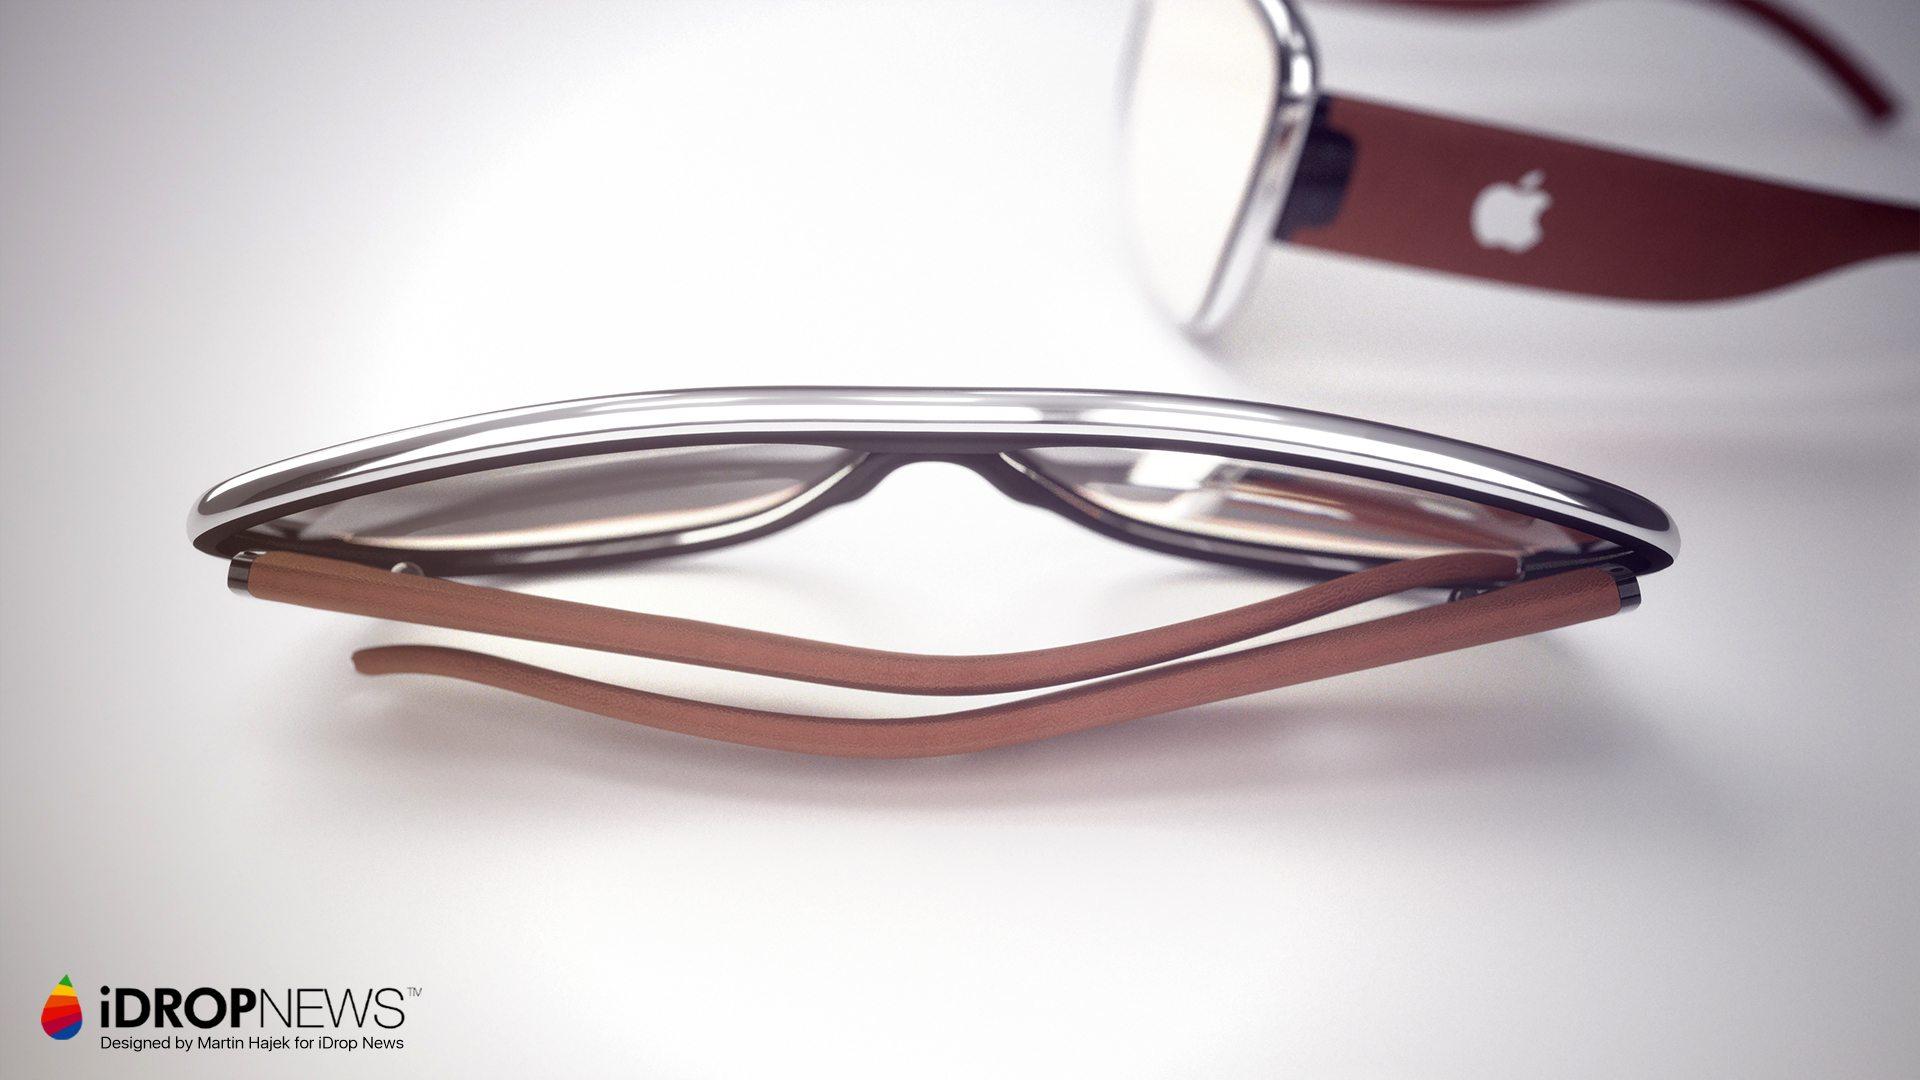 Apple-Glass-AR-Glasses-iDrop-News-x-Martin-Hajek-2jpg